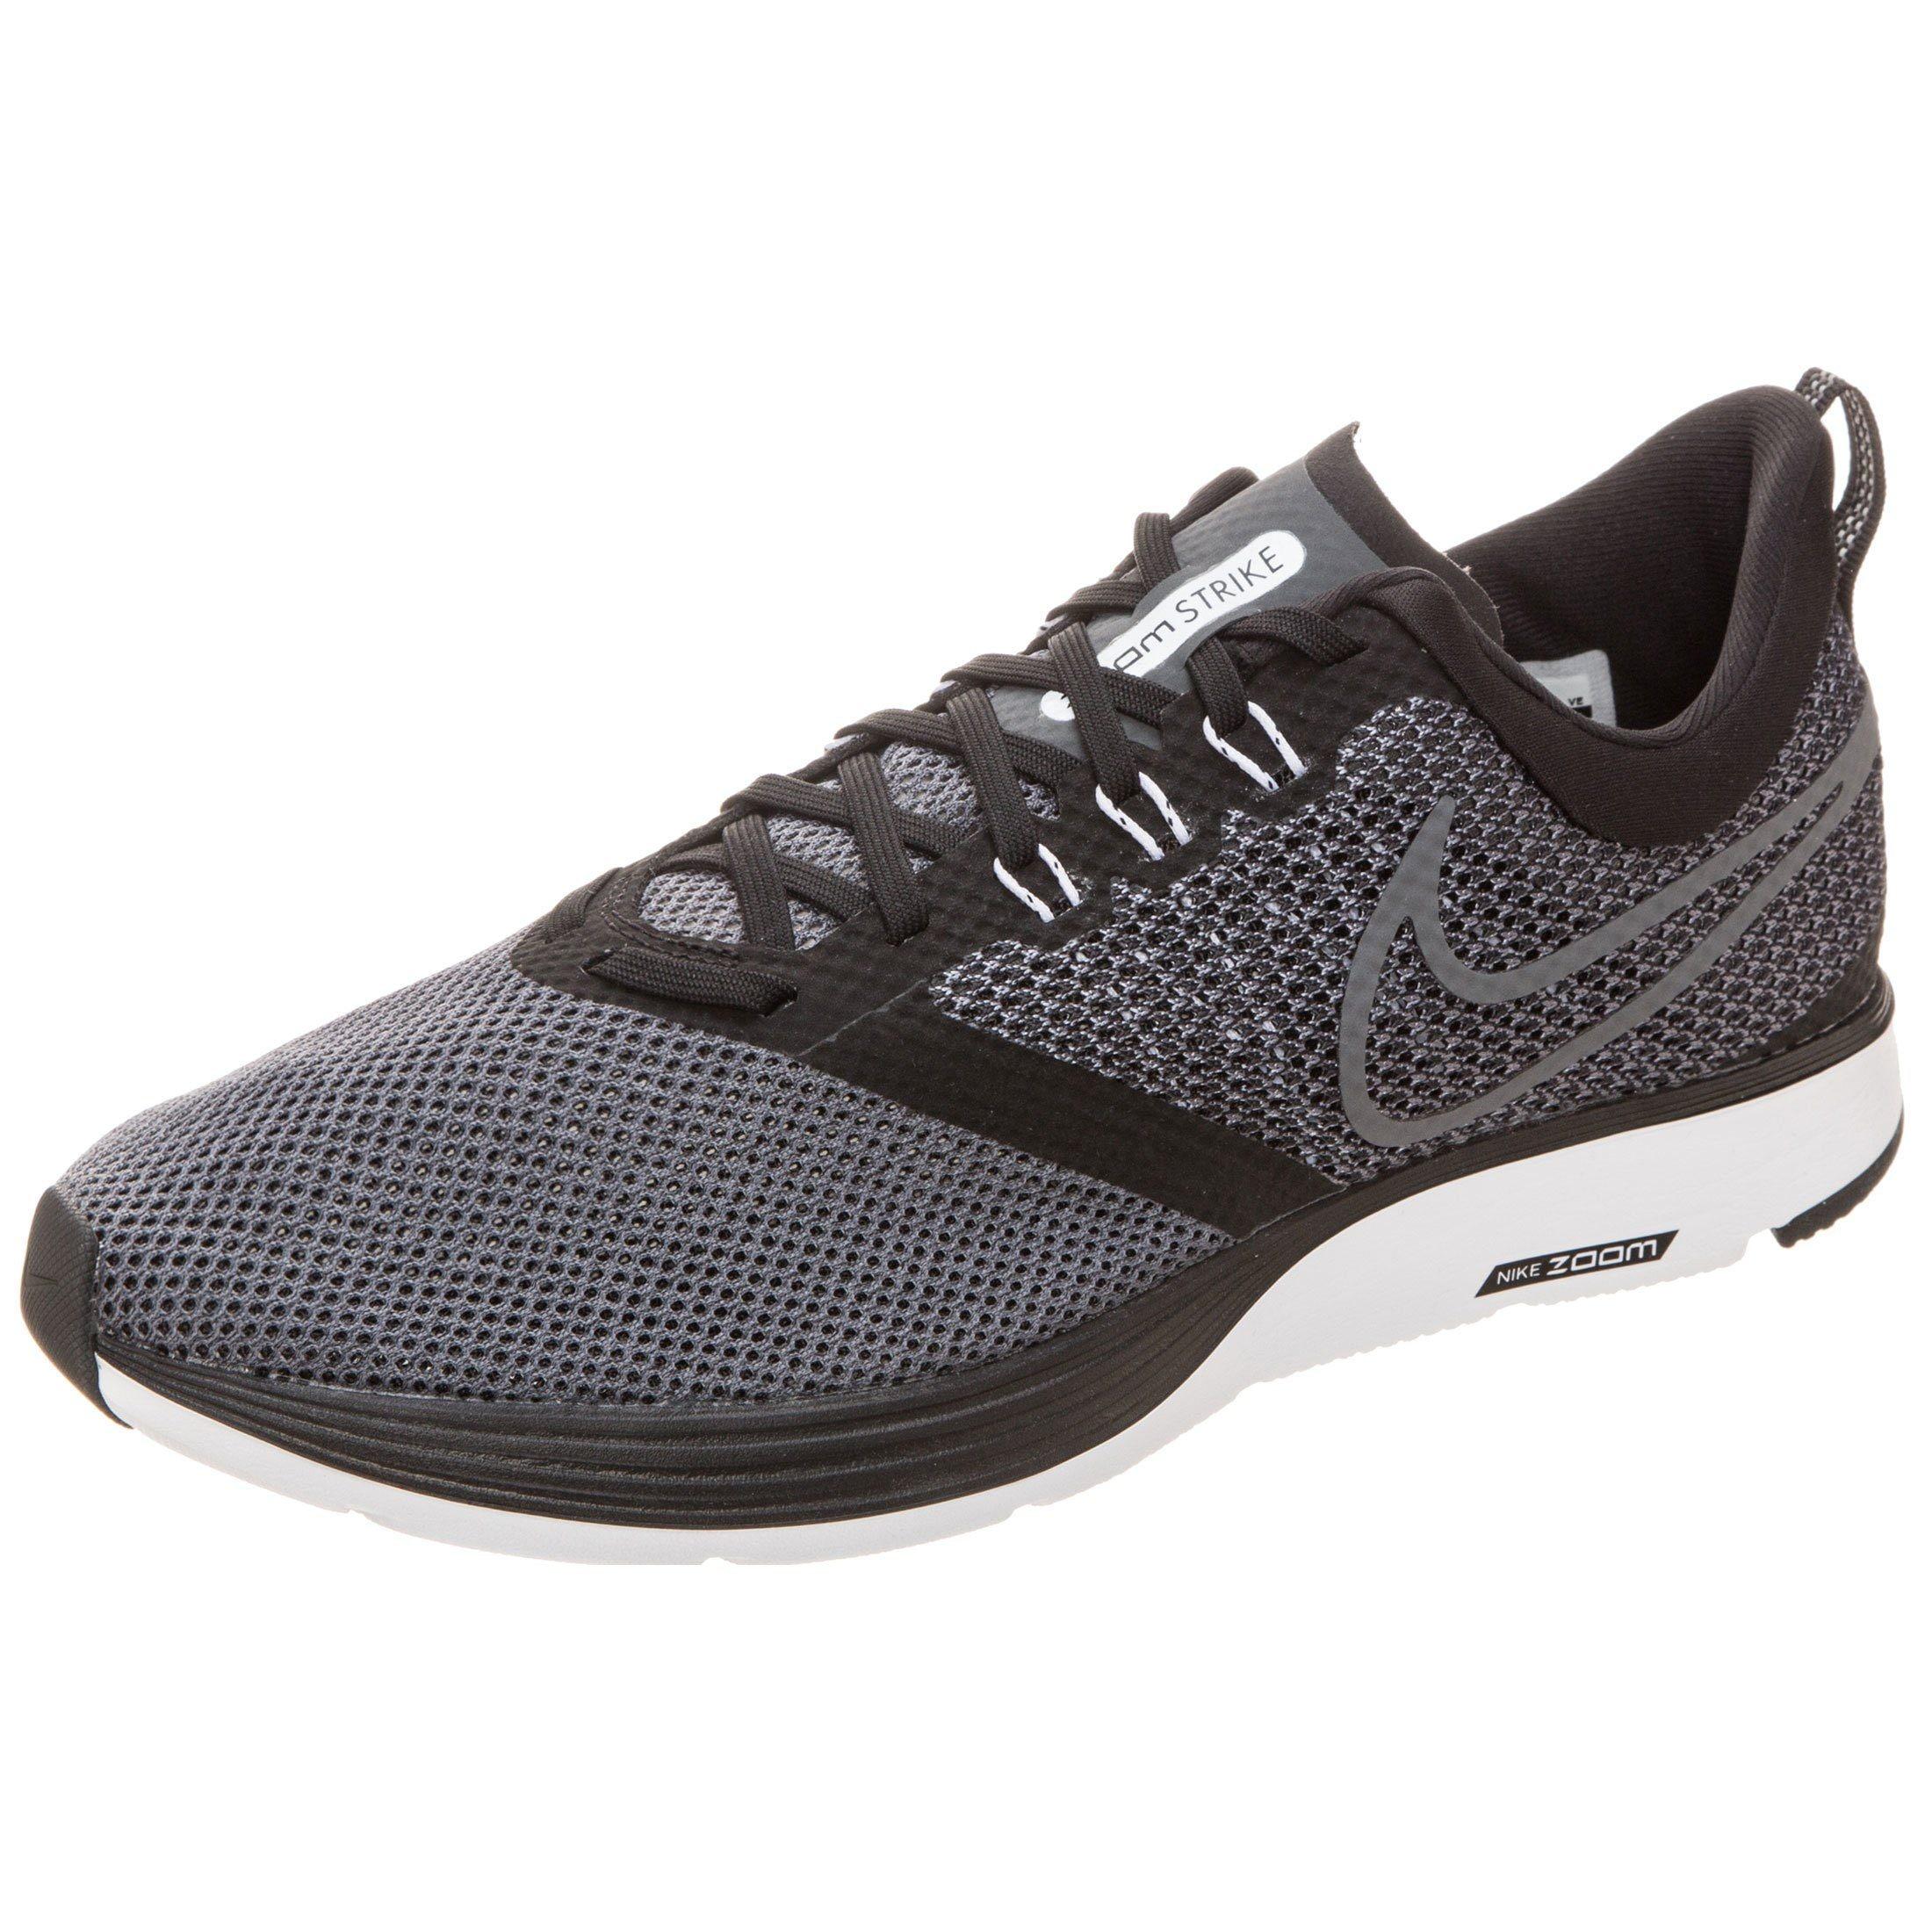 Nike Laufschuh Zoom Strike online bestellen | Gutes Preis-Leistungs-Verhältnis, es lohnt sich